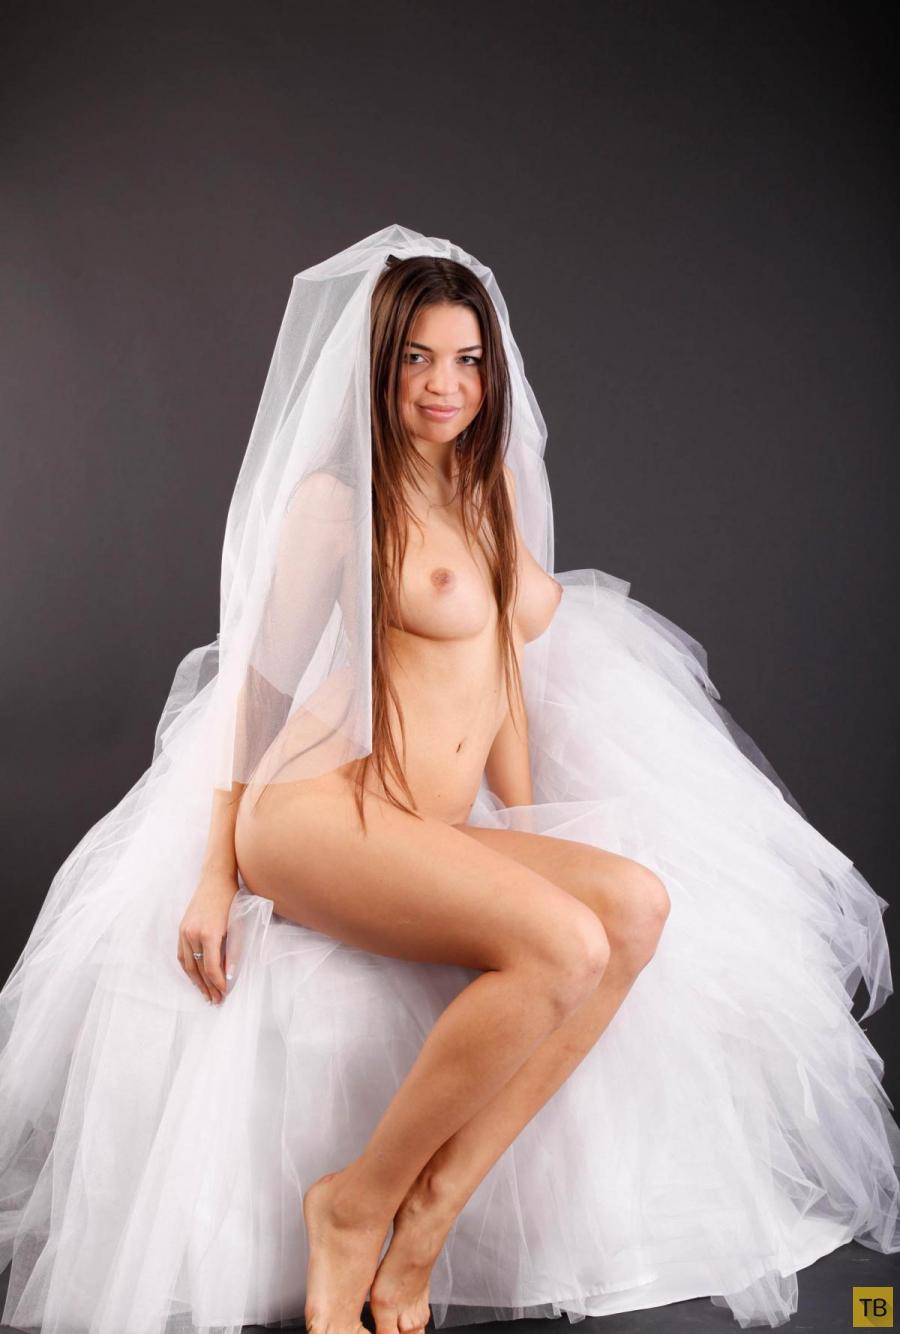 Рыжая невеста секс 12 фотография